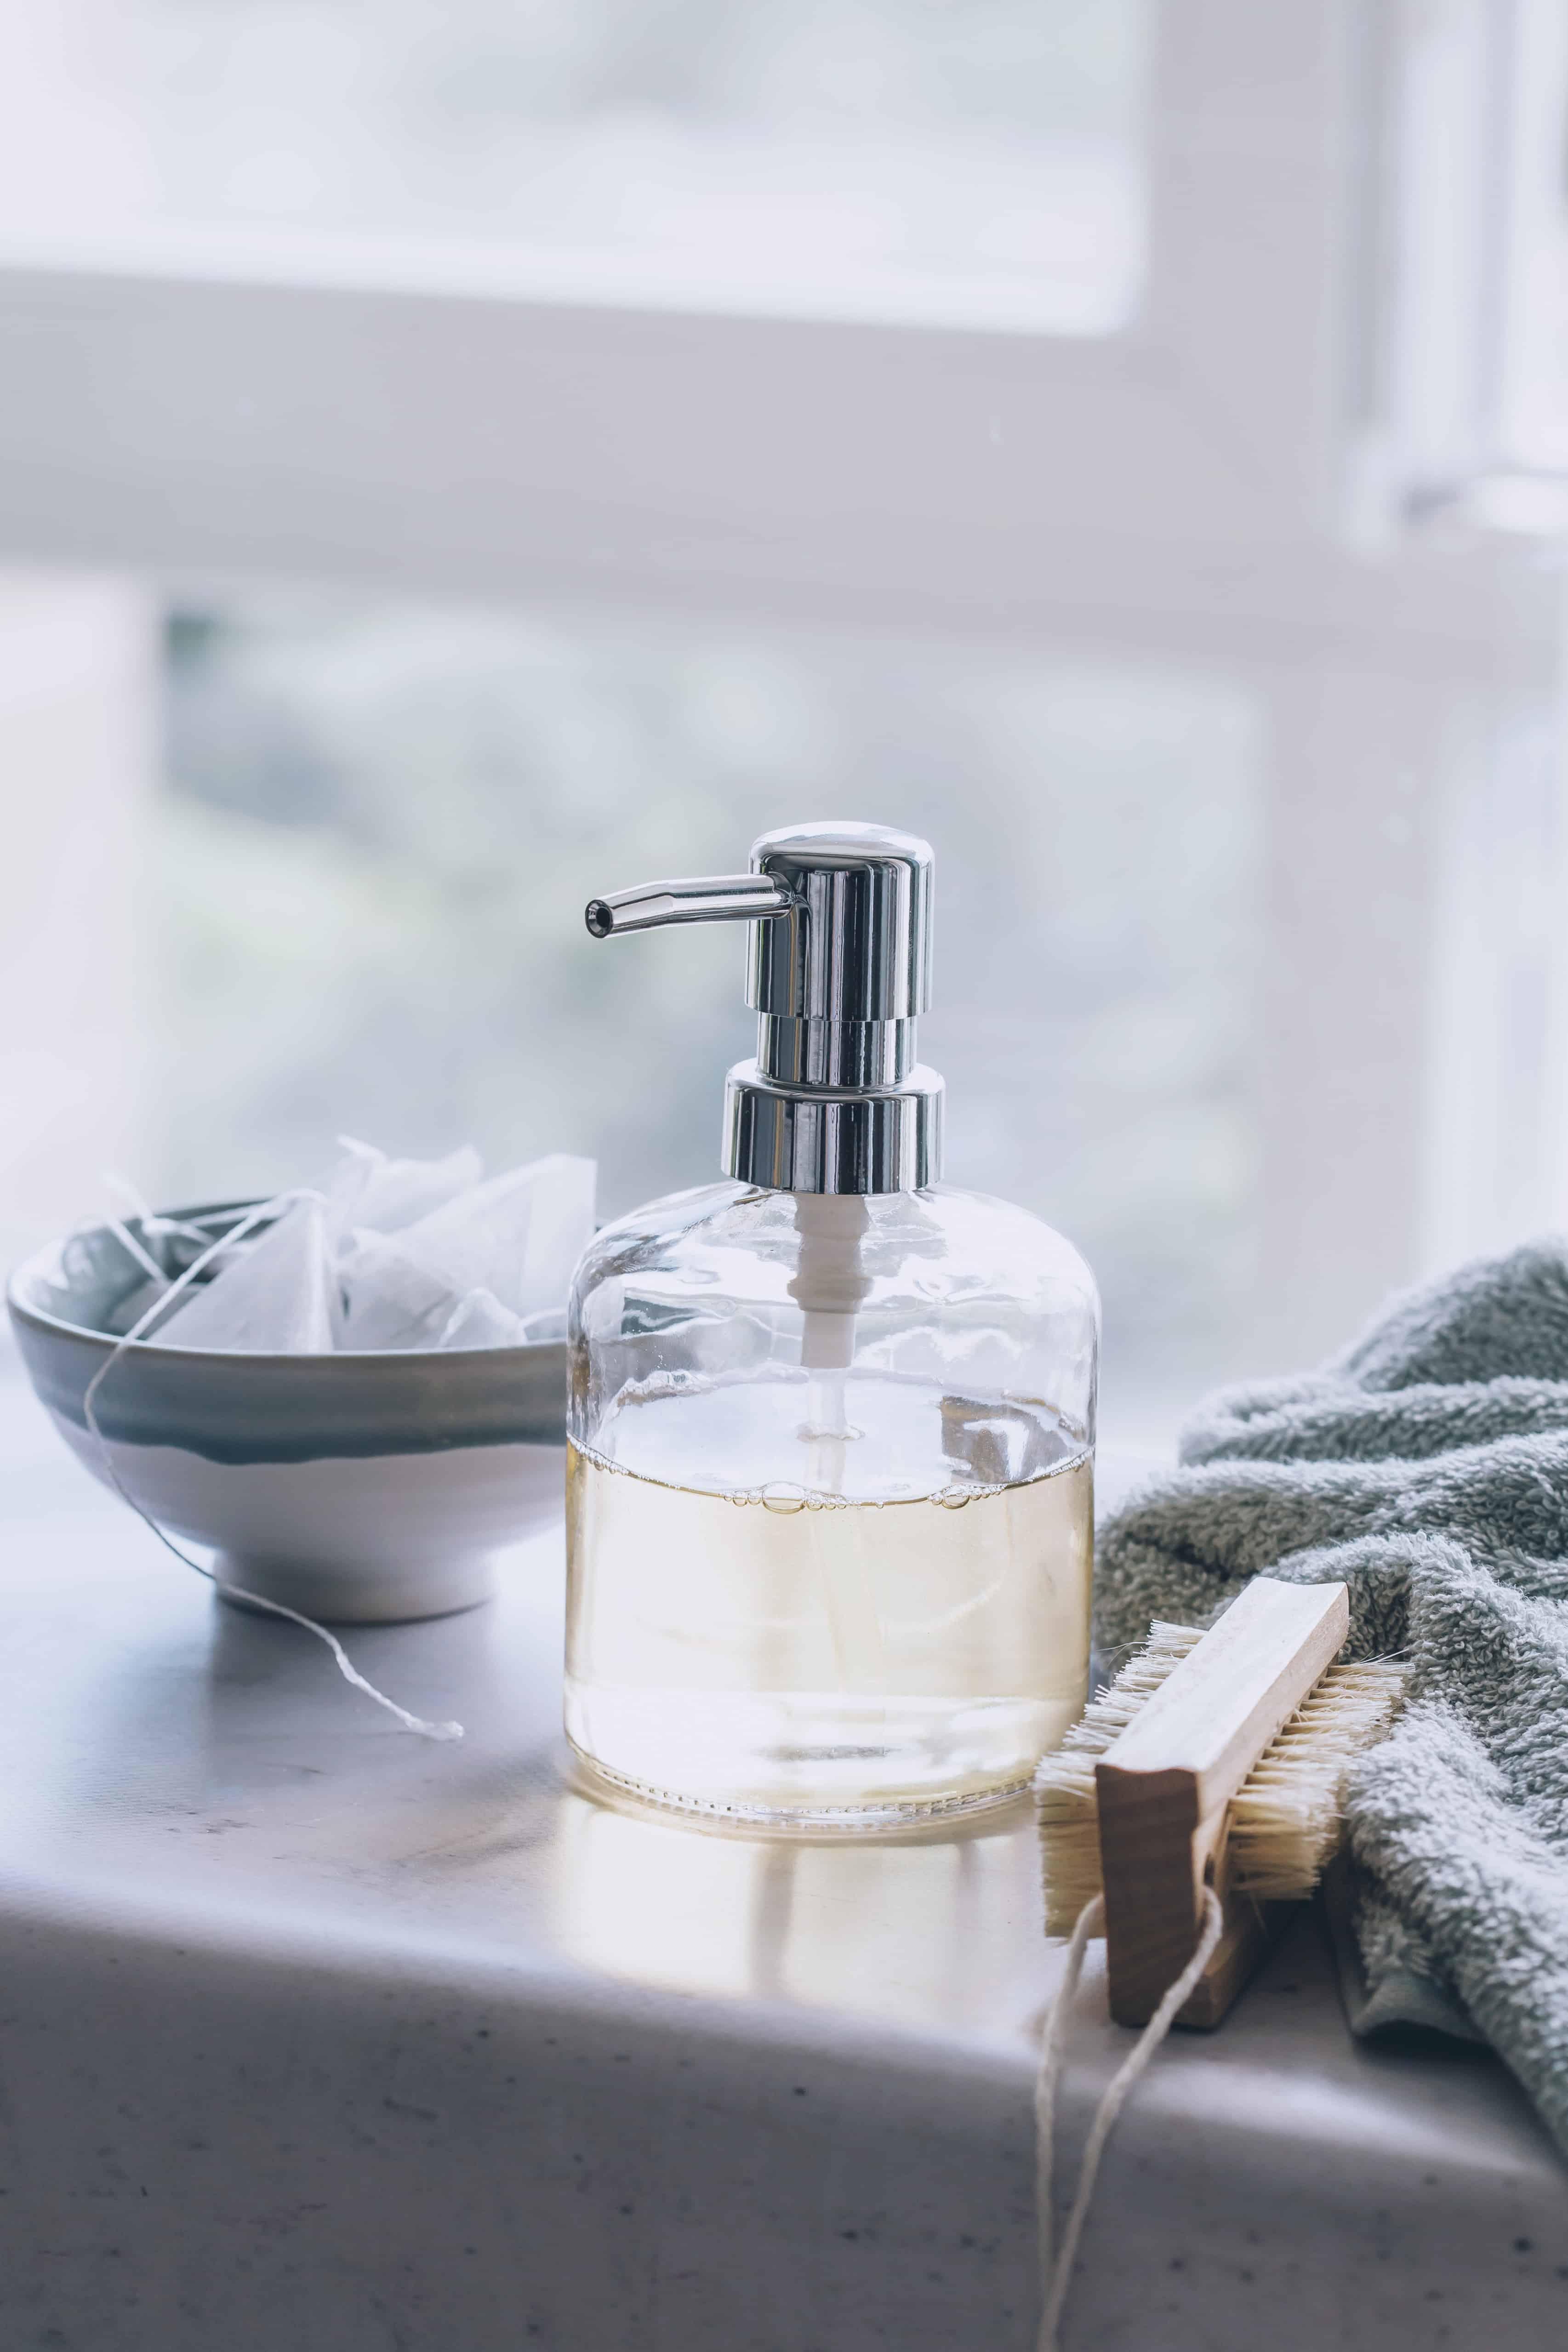 Homemade Hand Soap with Lemongrass